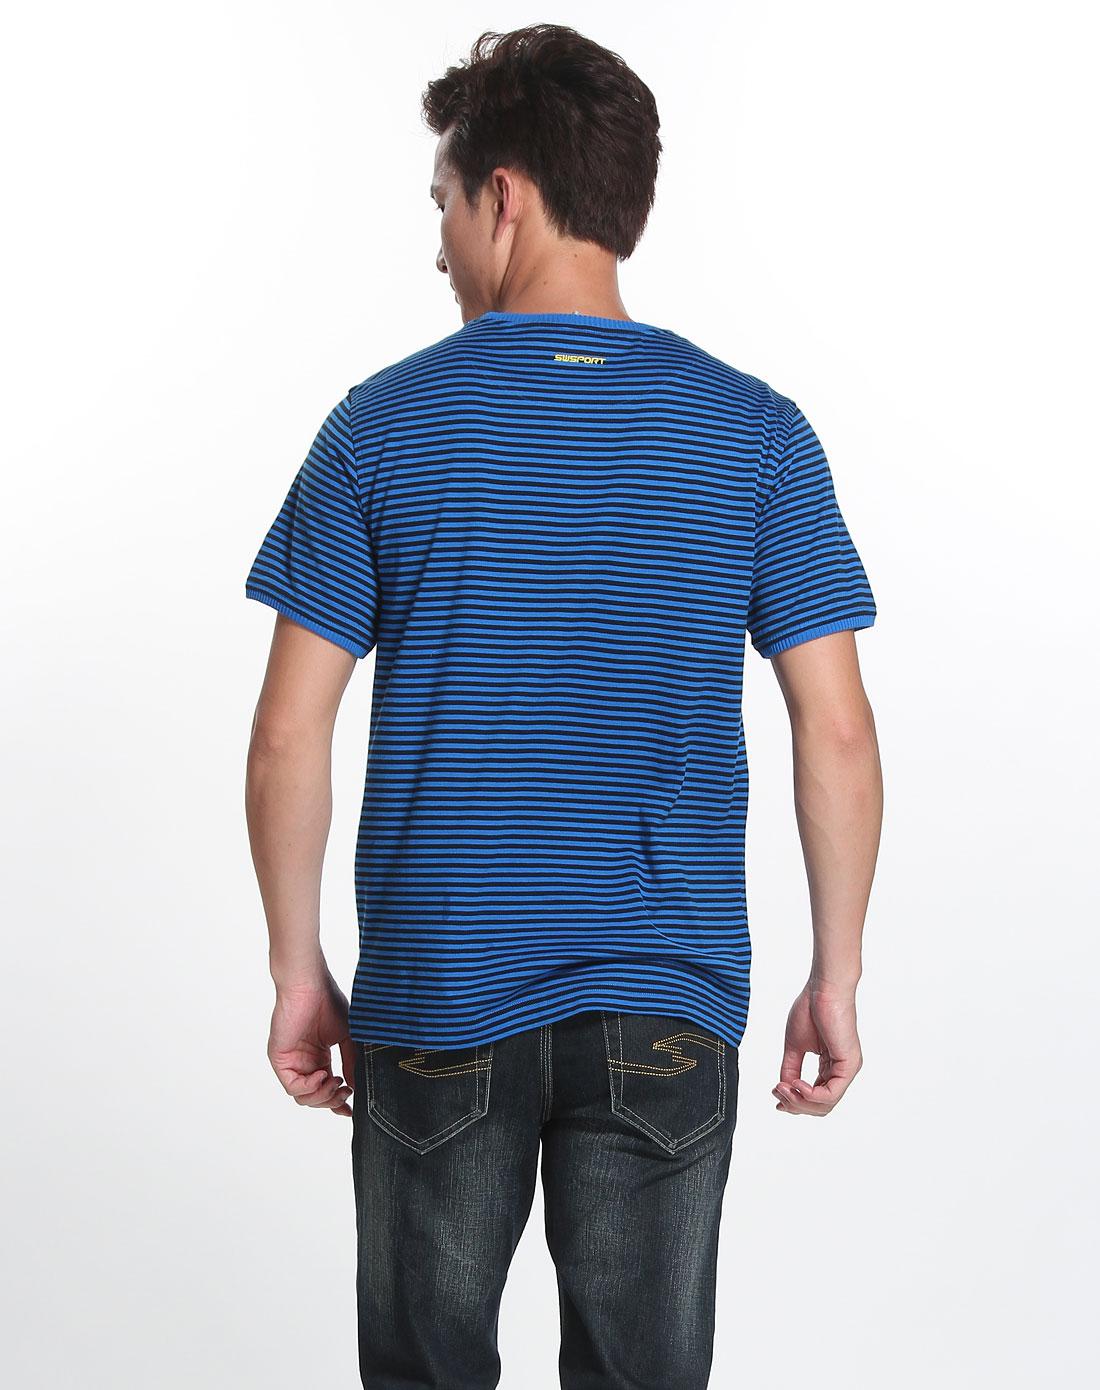 七匹狼swsport男装专场黑/蓝色圆领短袖t恤